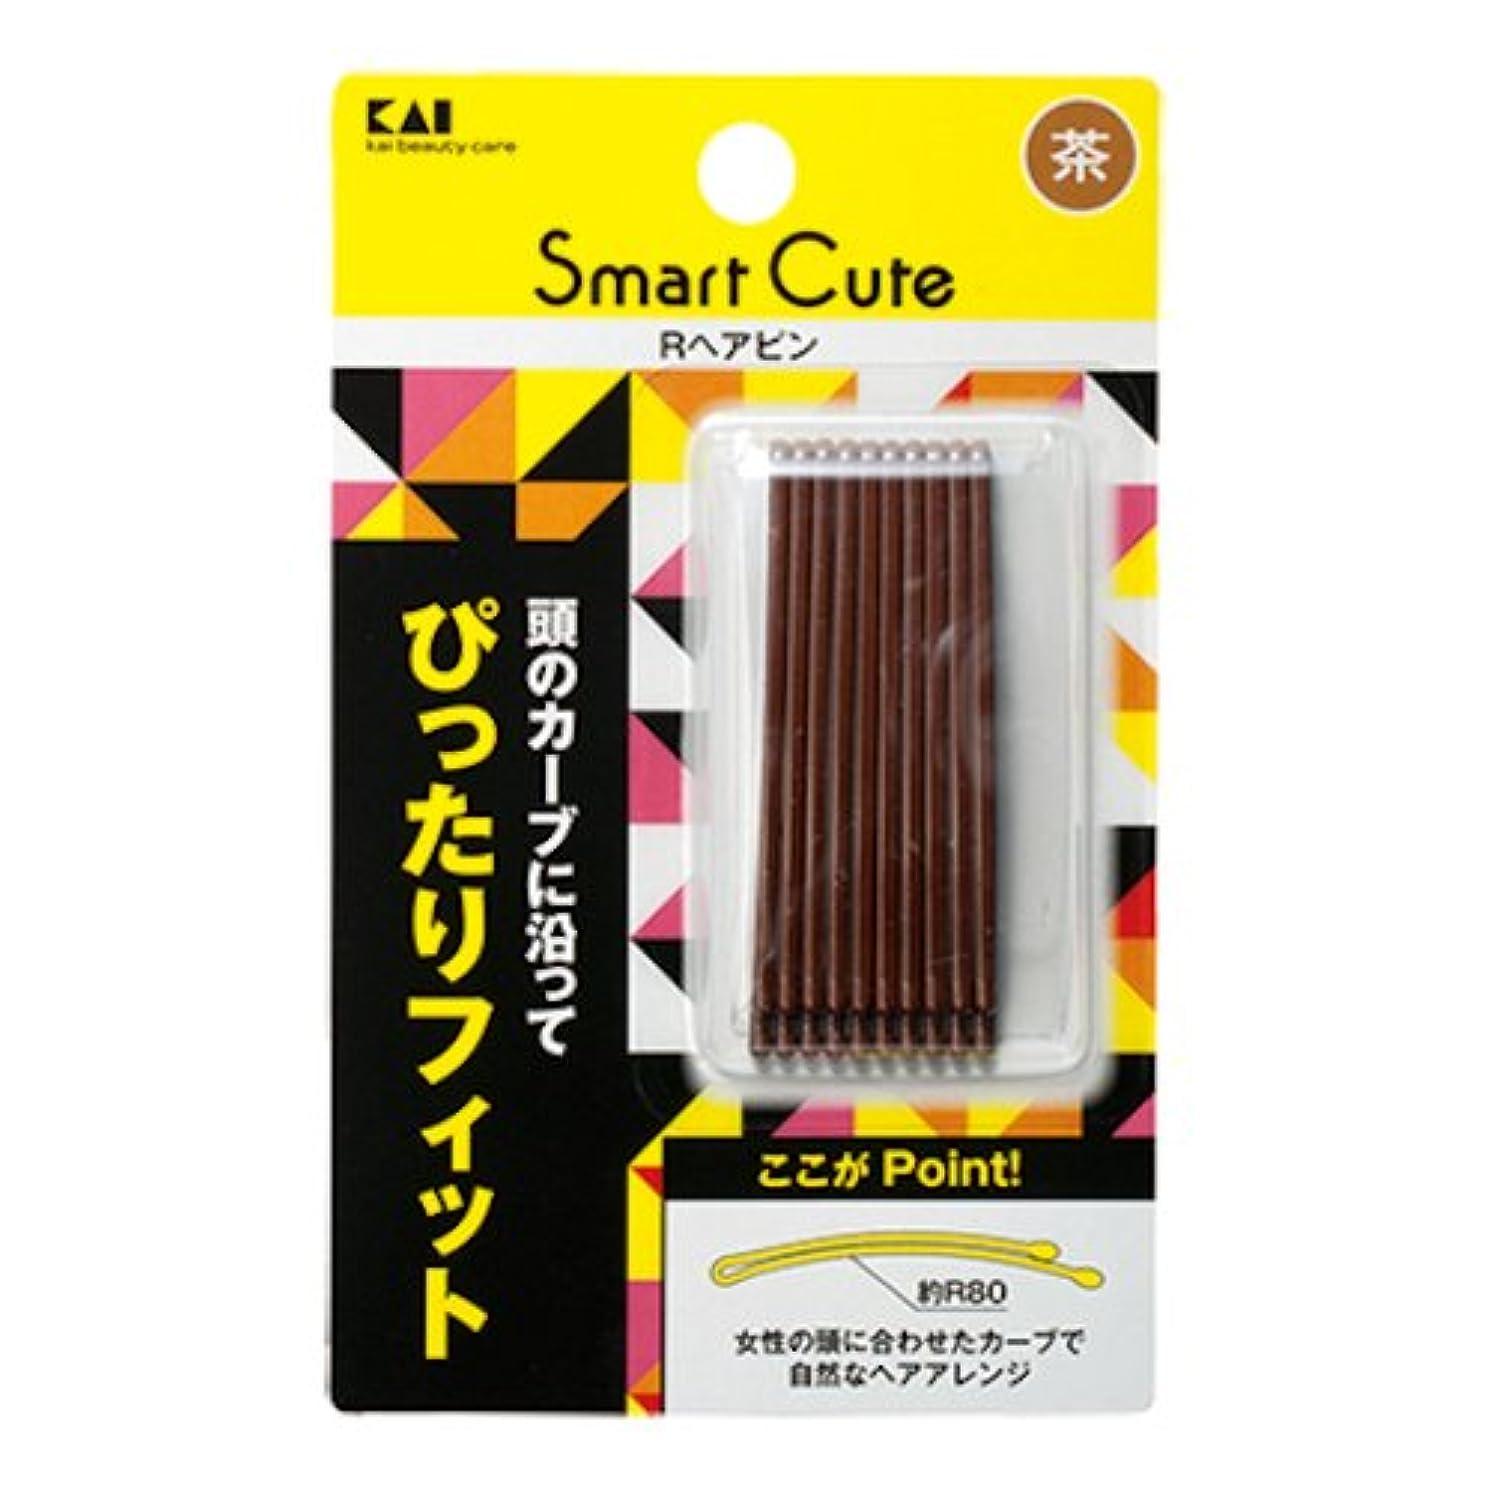 制限ピース薬局KAI Smart Cute Rヘアピン HC3333 茶